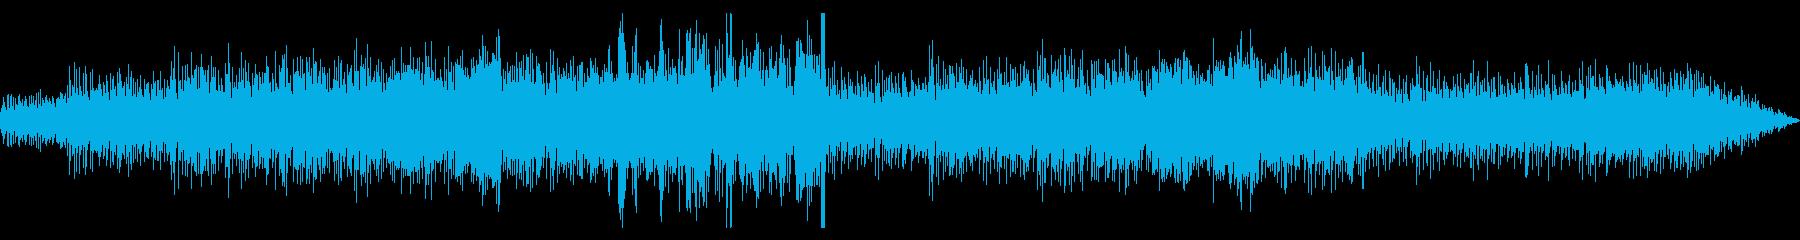 スペイン音楽風ポップスの再生済みの波形